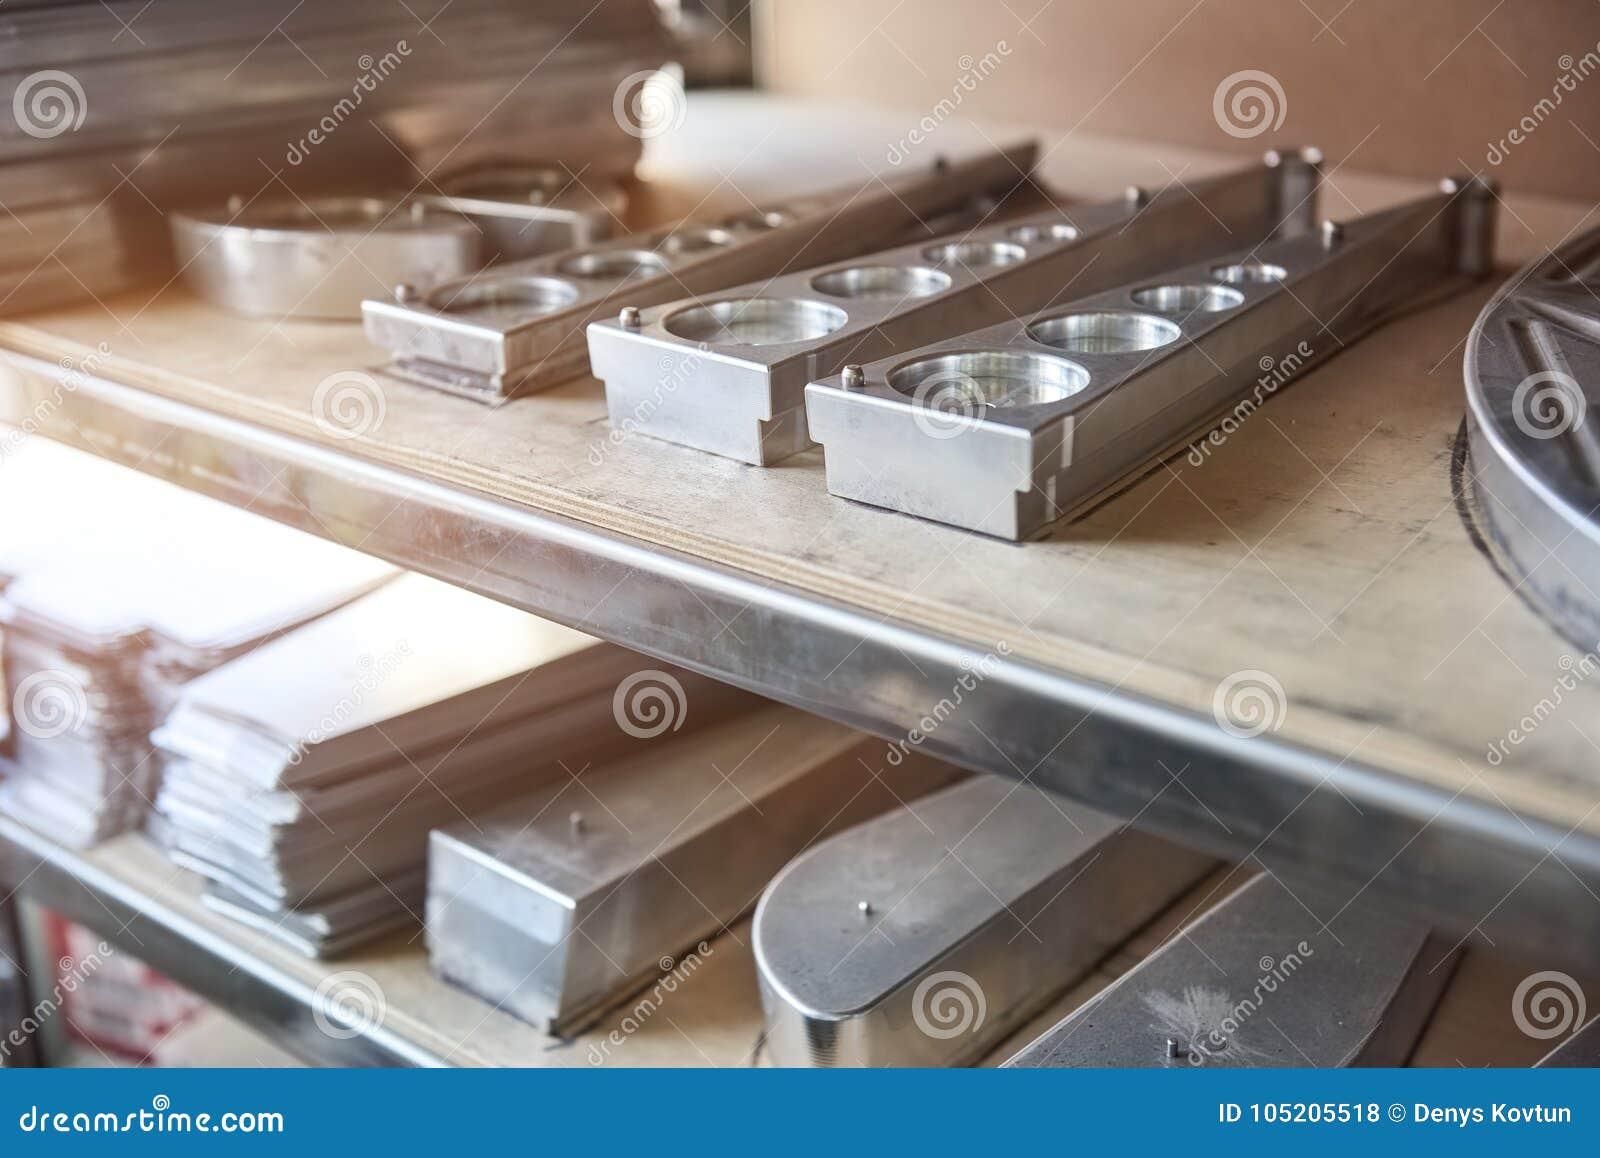 Roestvrij staaldelen op plank